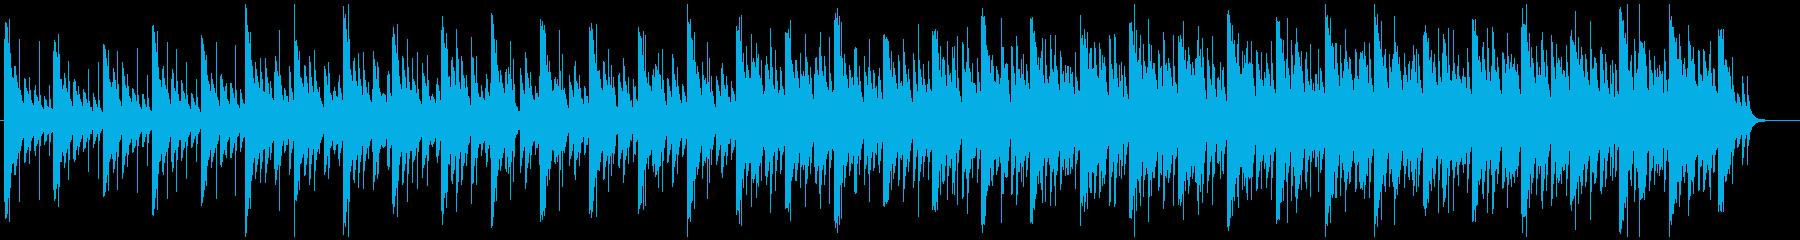 不気味な5拍子ロートタムミニマルシンセ寄の再生済みの波形